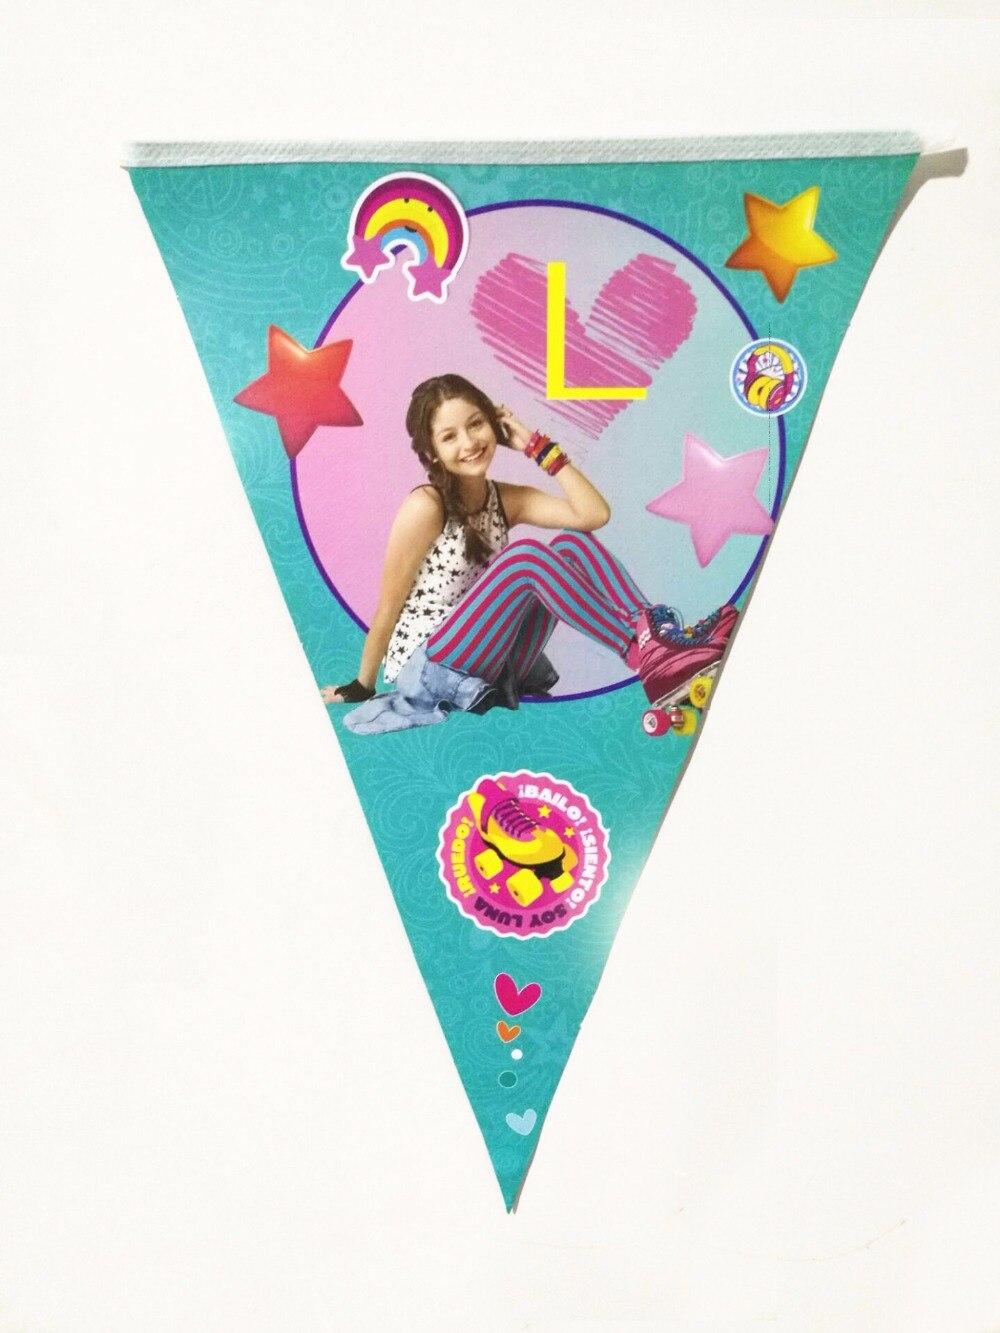 1 компл. соевый Luna бумаги баннер счастливый день рождения флаг Одежда для девочек пользу партии украшение соевый Luna флаг вечеринок